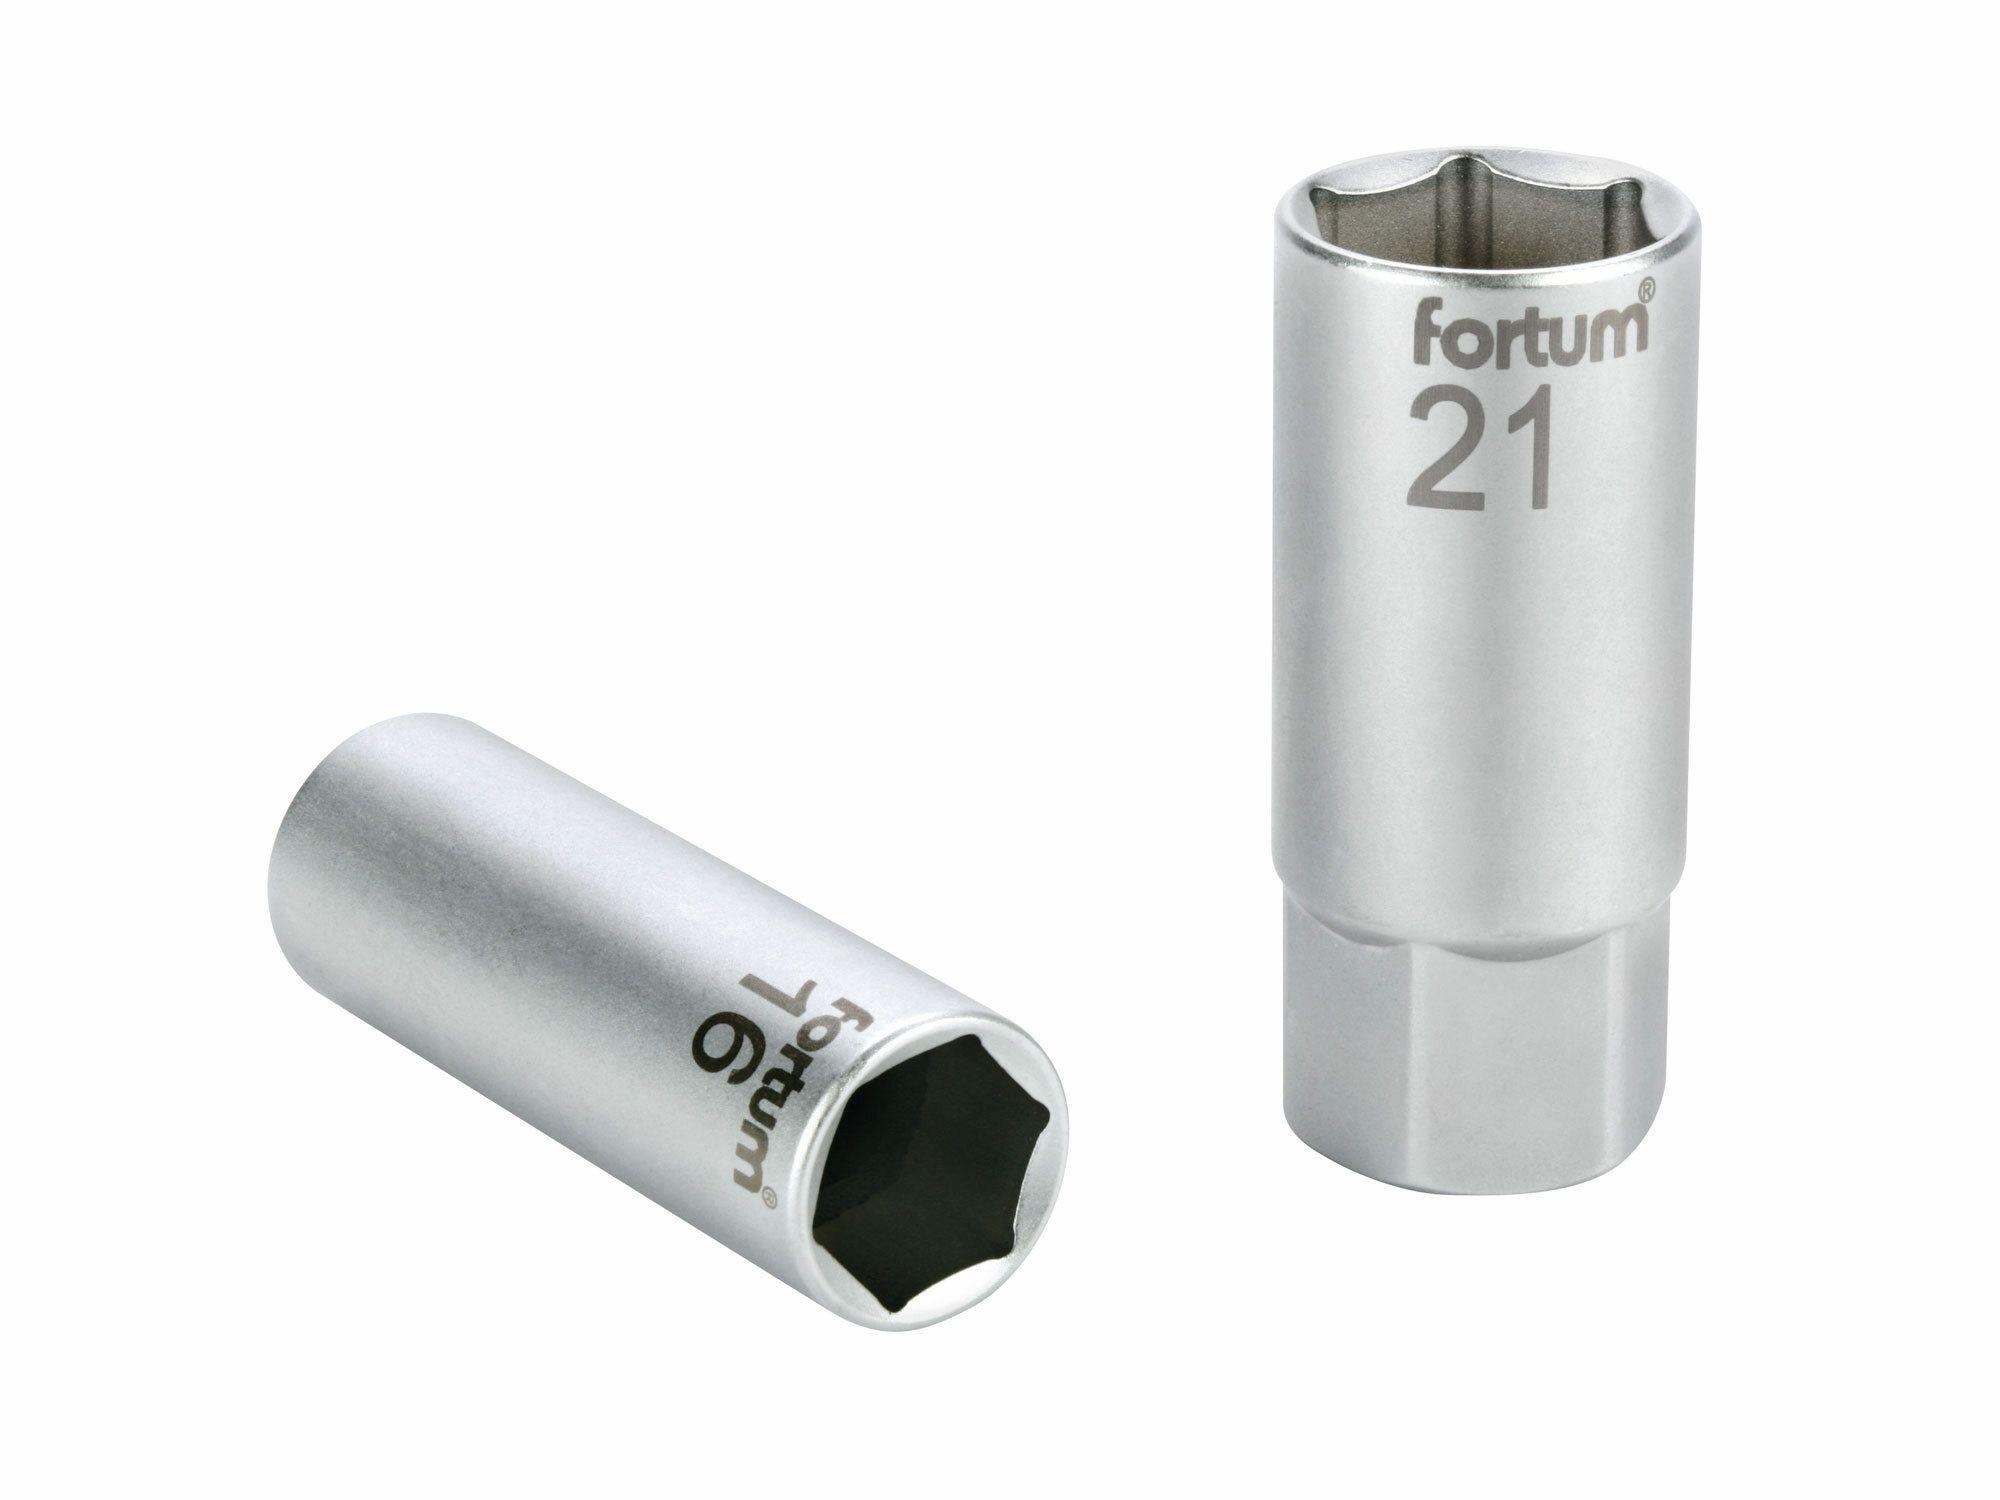 """Hlavice nástrčná na zapalovací svíčky, 1/2"""", 21mm, L 65mm, 61CrV5 FORTUM"""